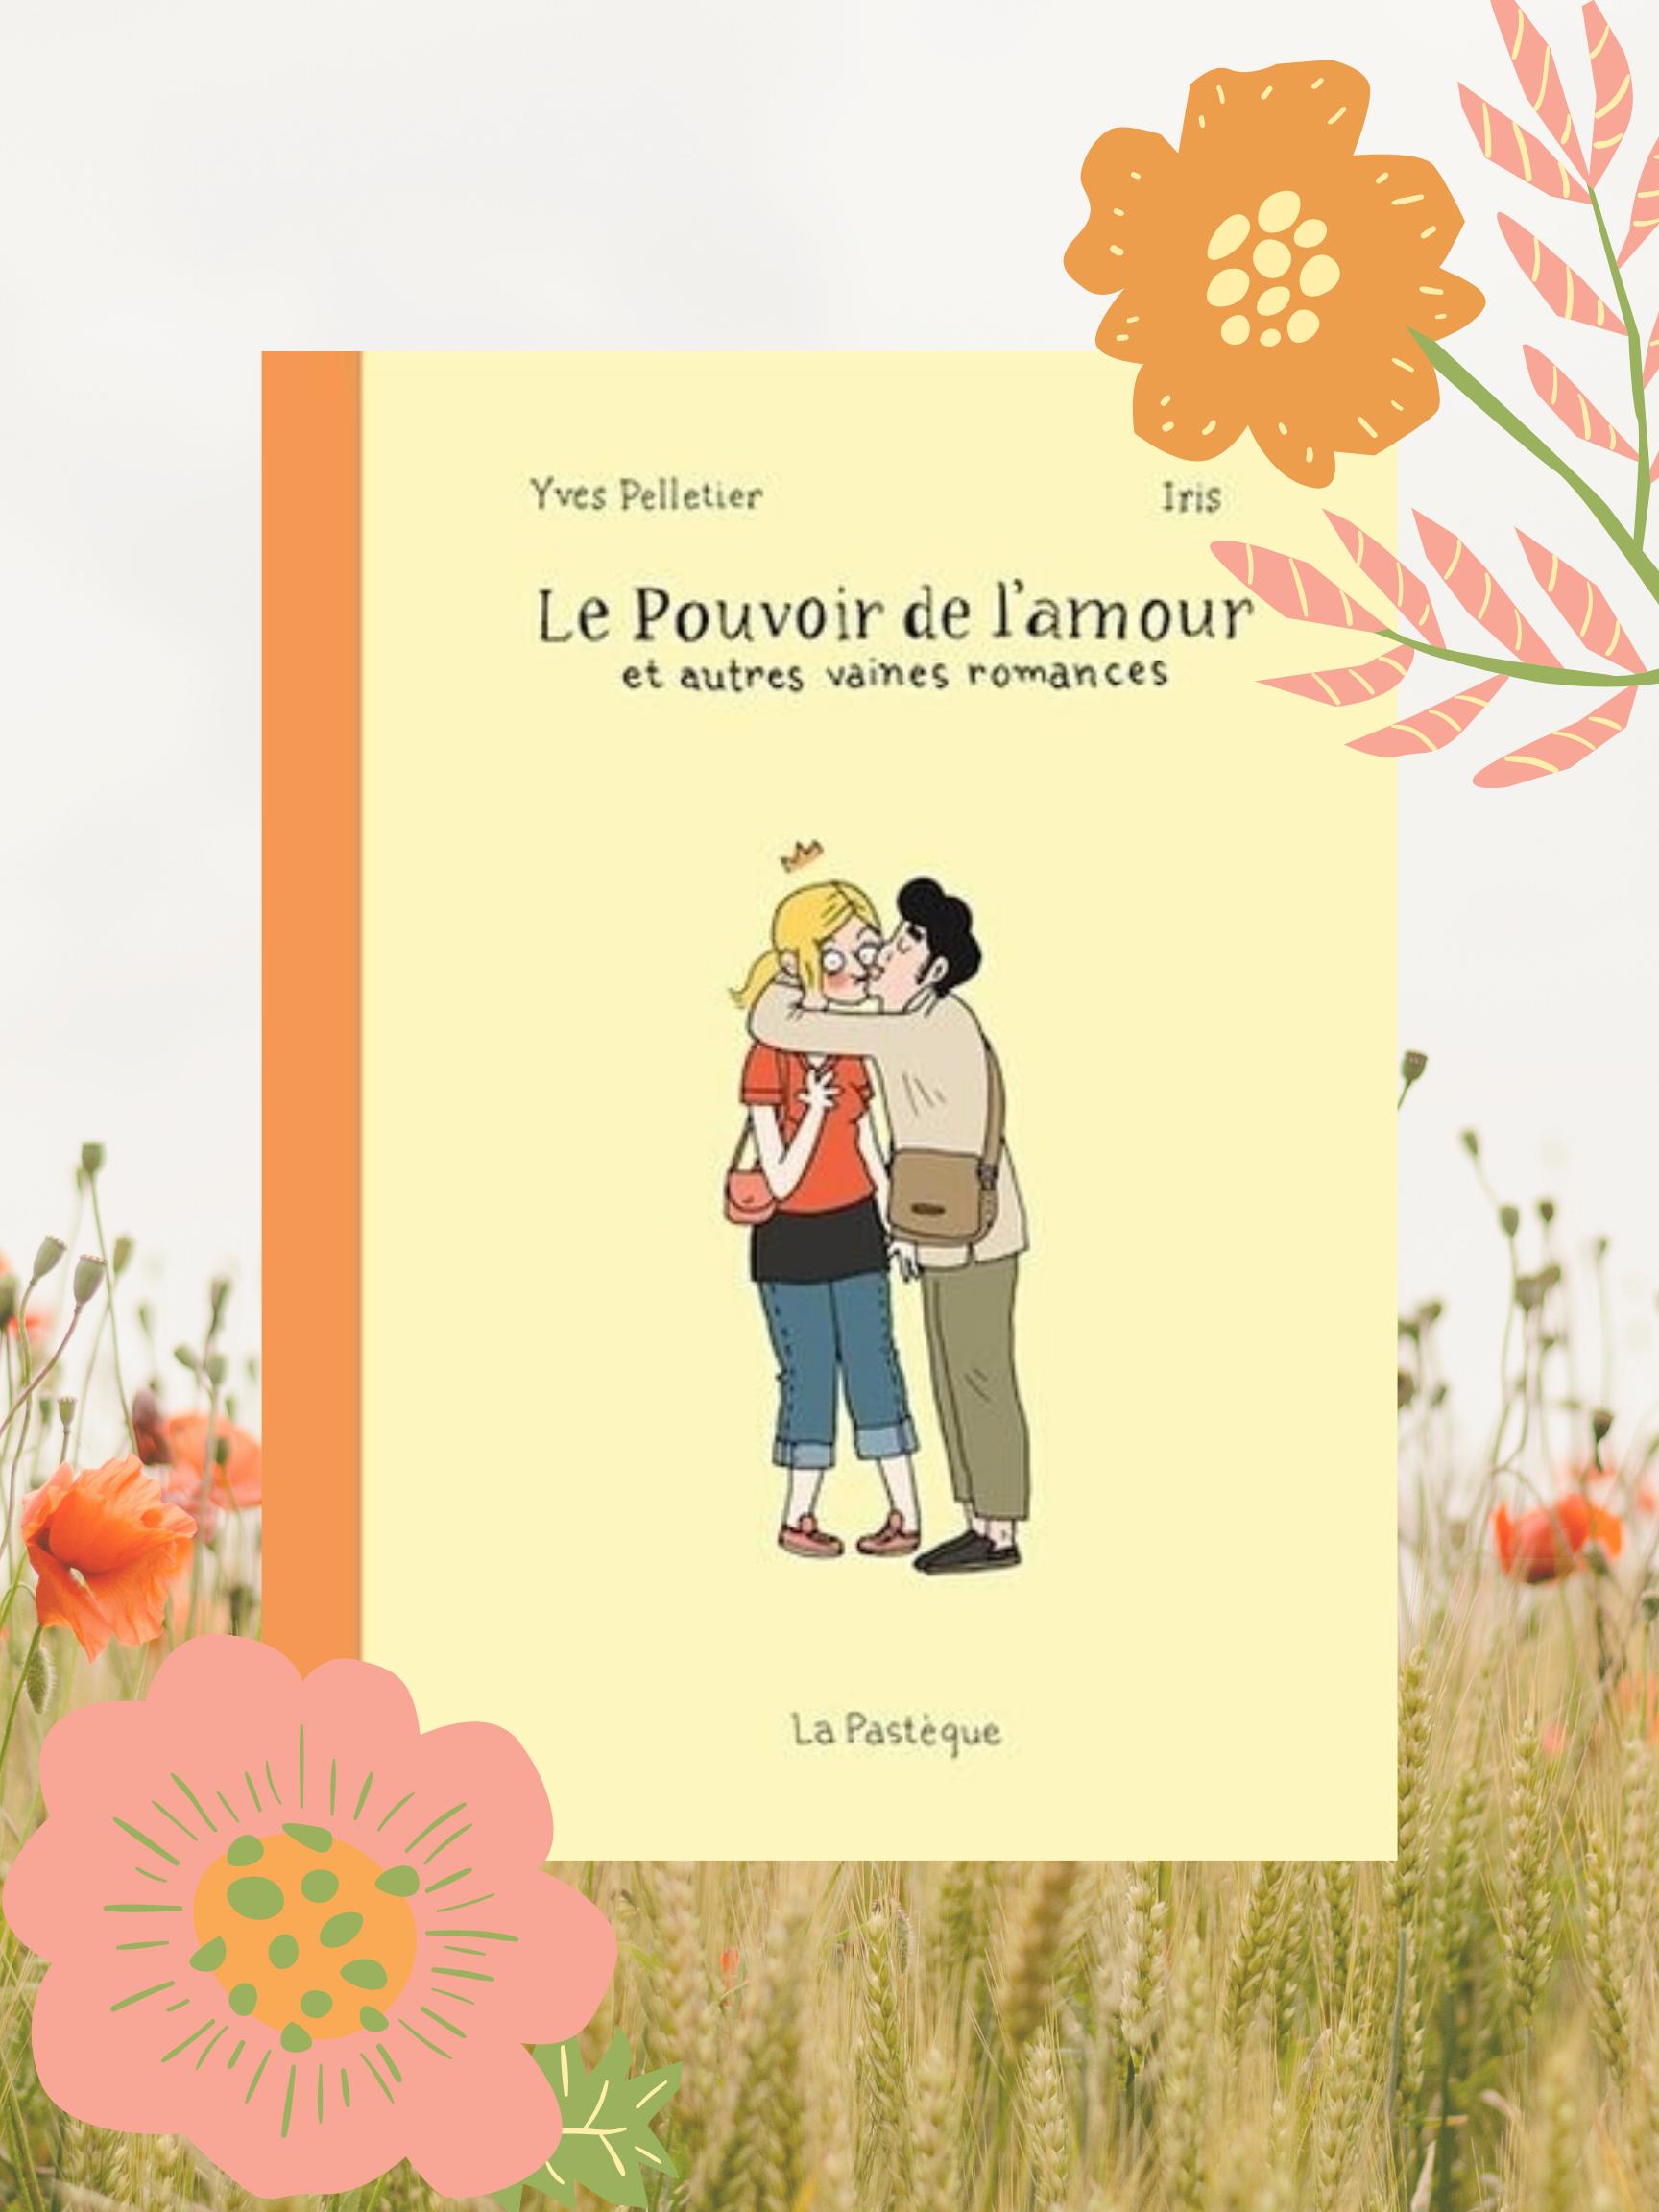 Le Pouvoir De L Amour Et Autres Vaines Romances 2014 Yves Pelletier Et Iris Movie Posters Book Cover Books